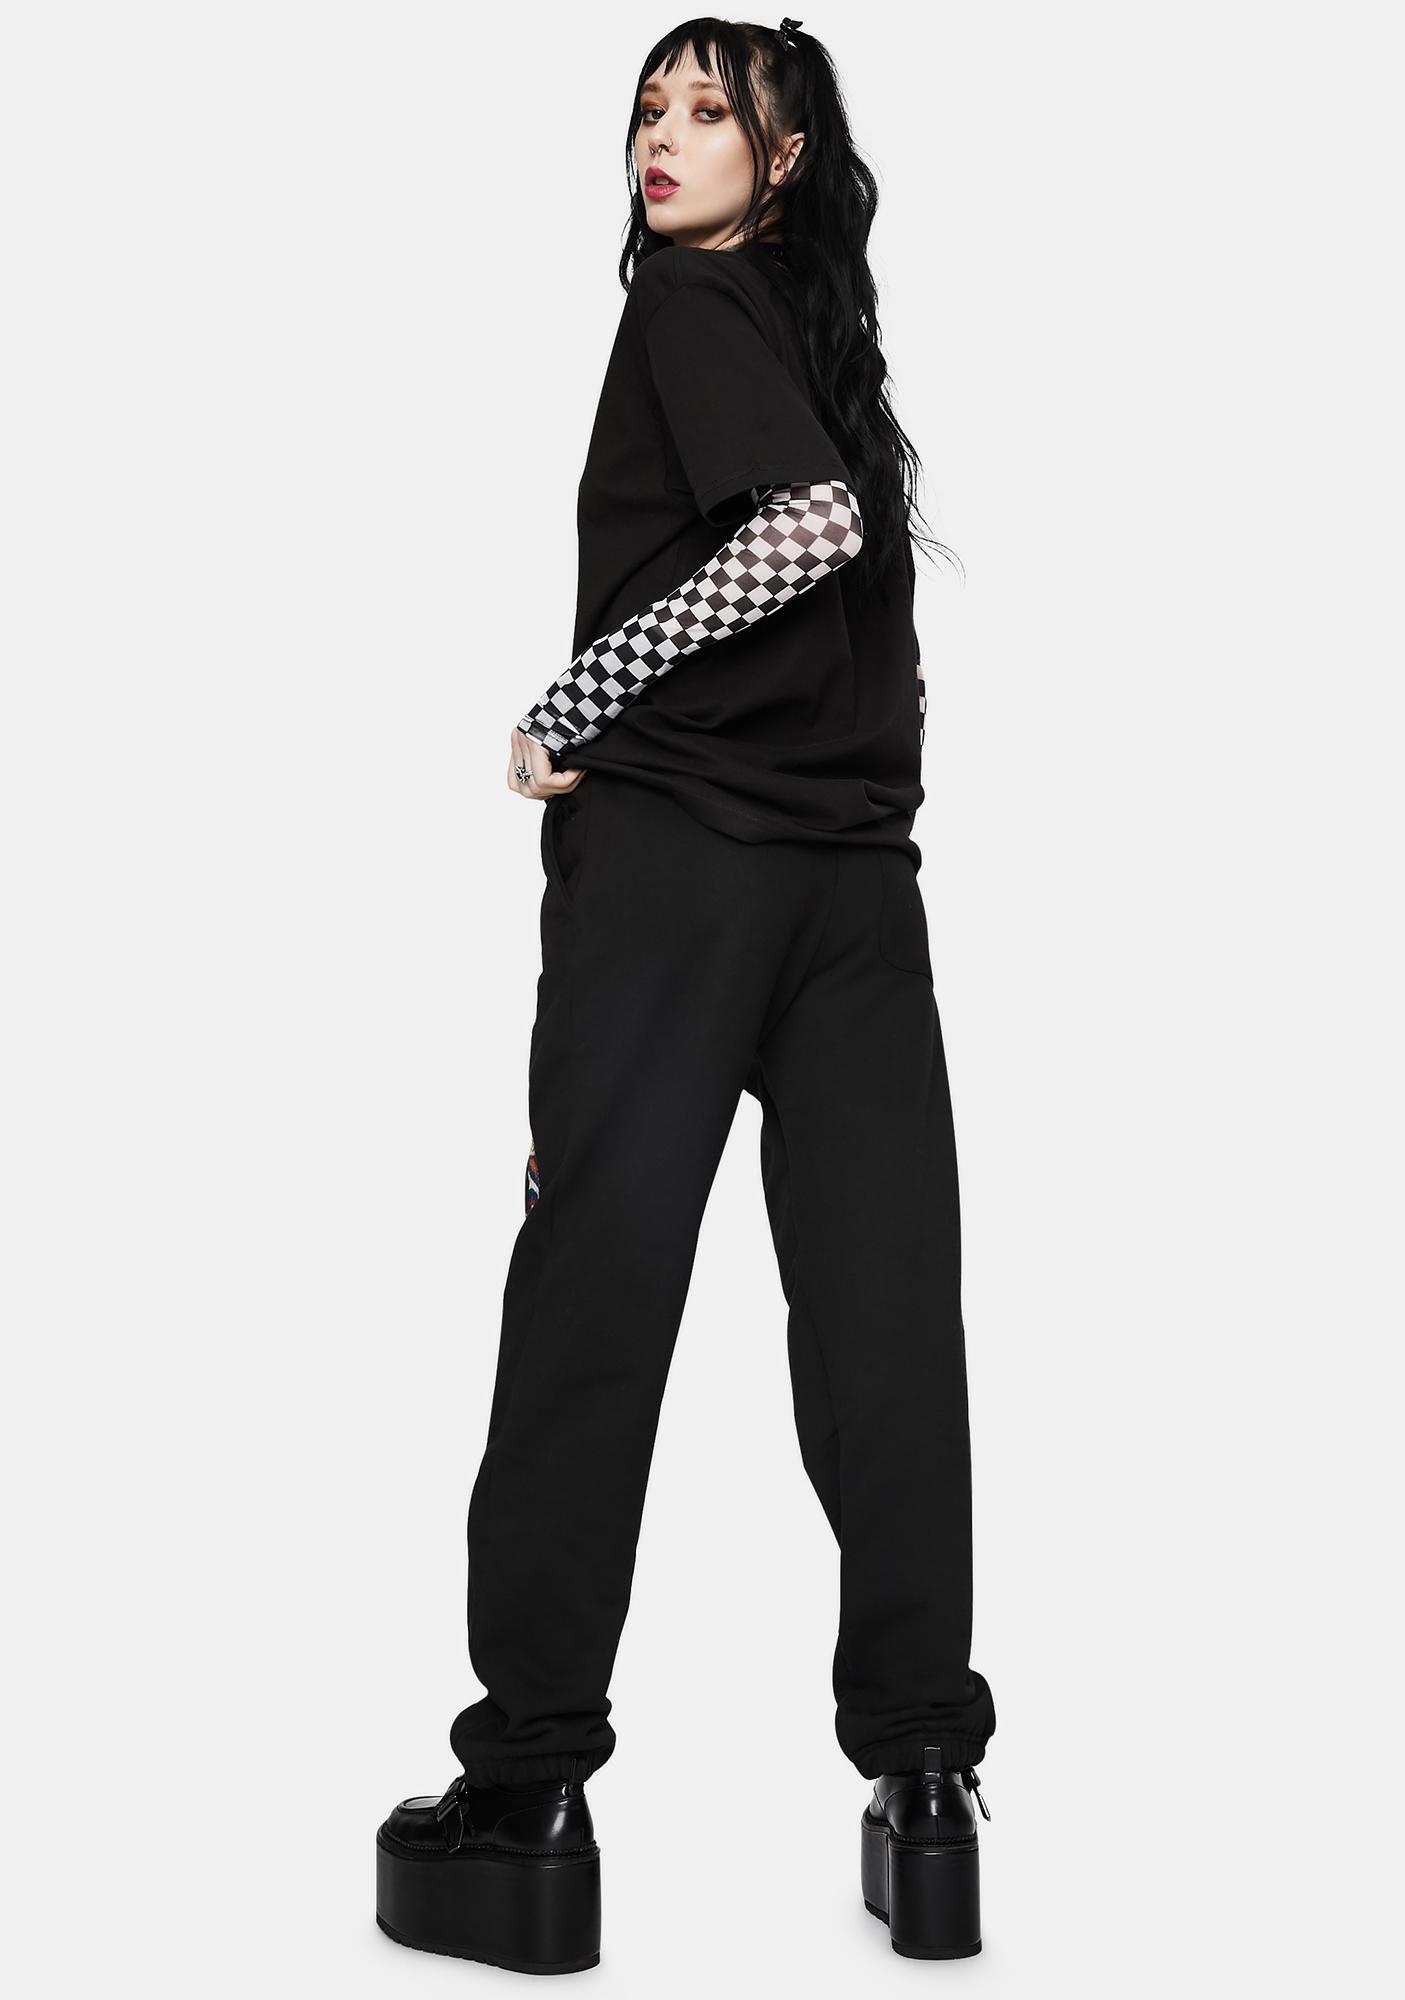 CHINATOWN MARKET Logo Sweatpants